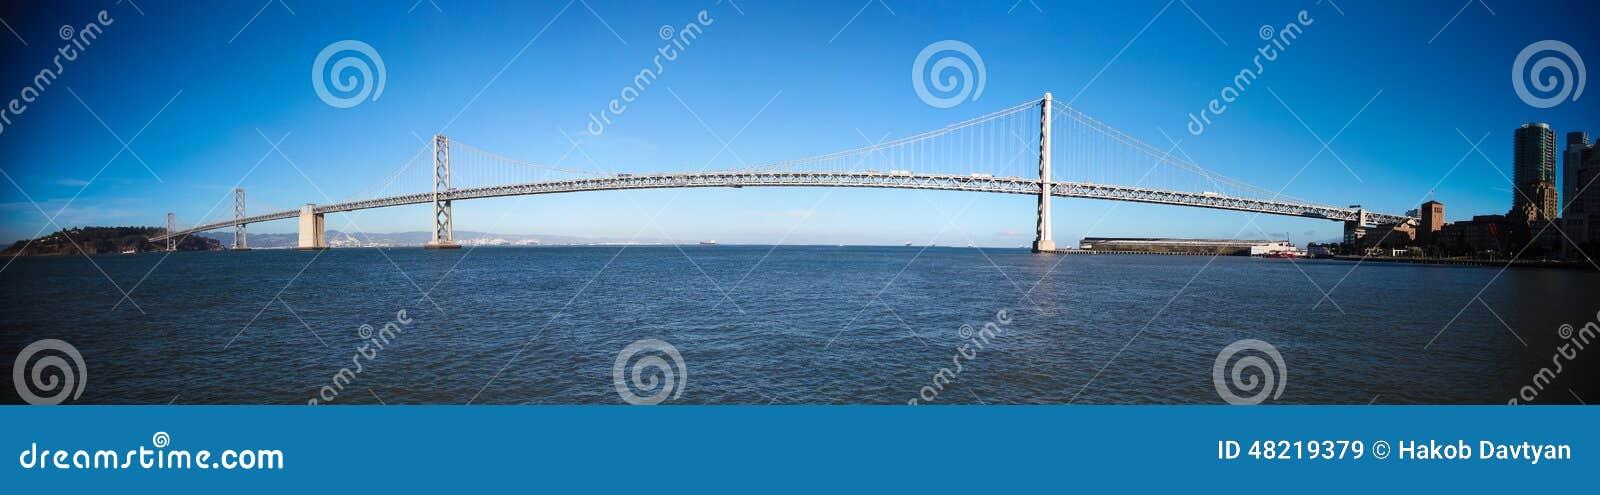 Oakland-Bucht-Brücke